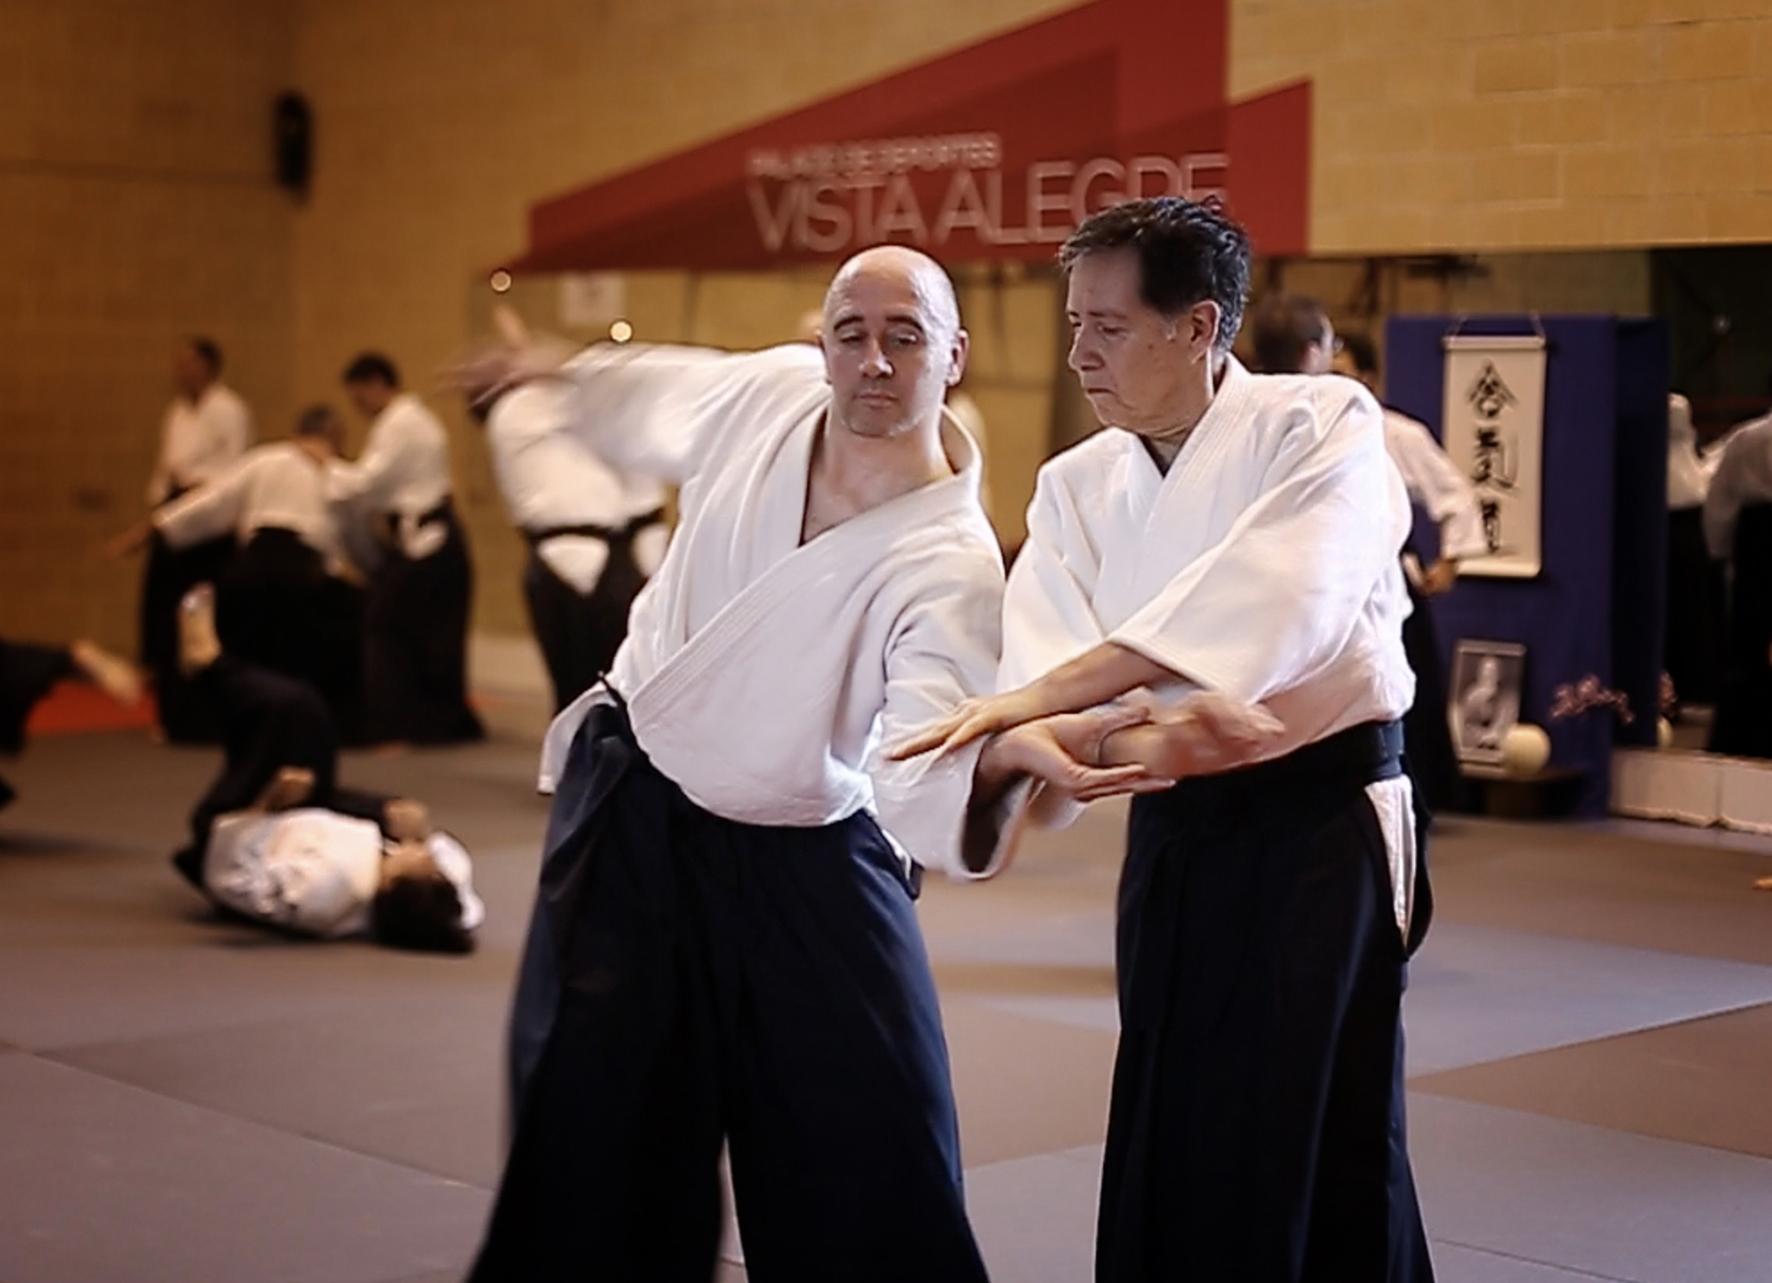 Maestros de Aikido, Hector Flores Sensei en Córdoba